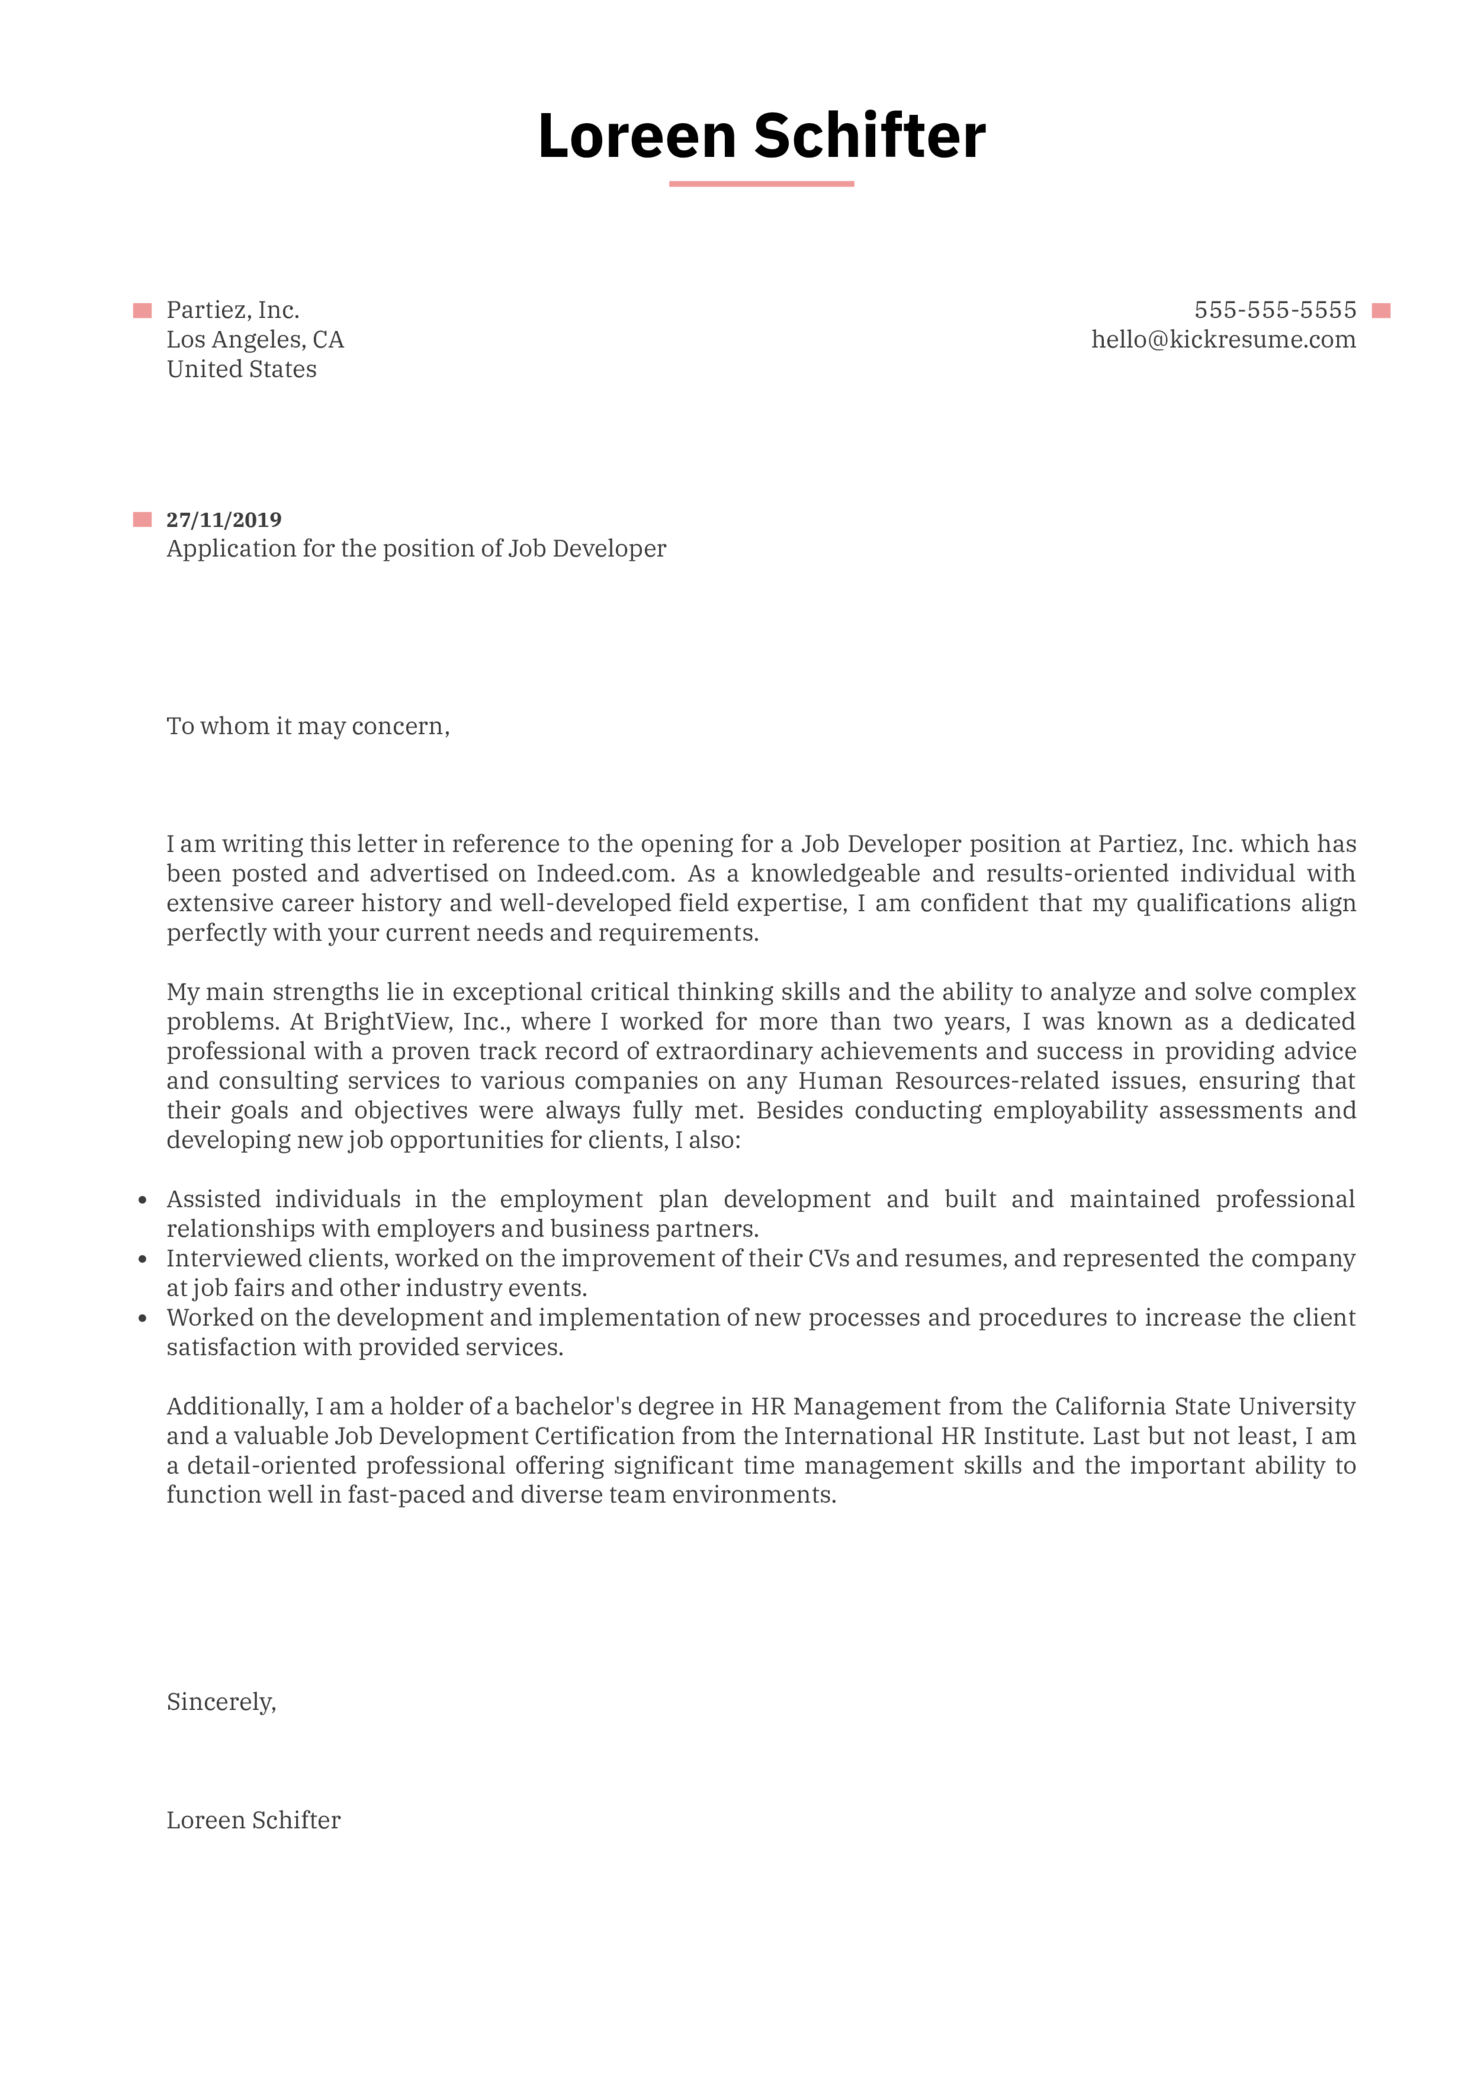 Job Developer Cover Letter Sample